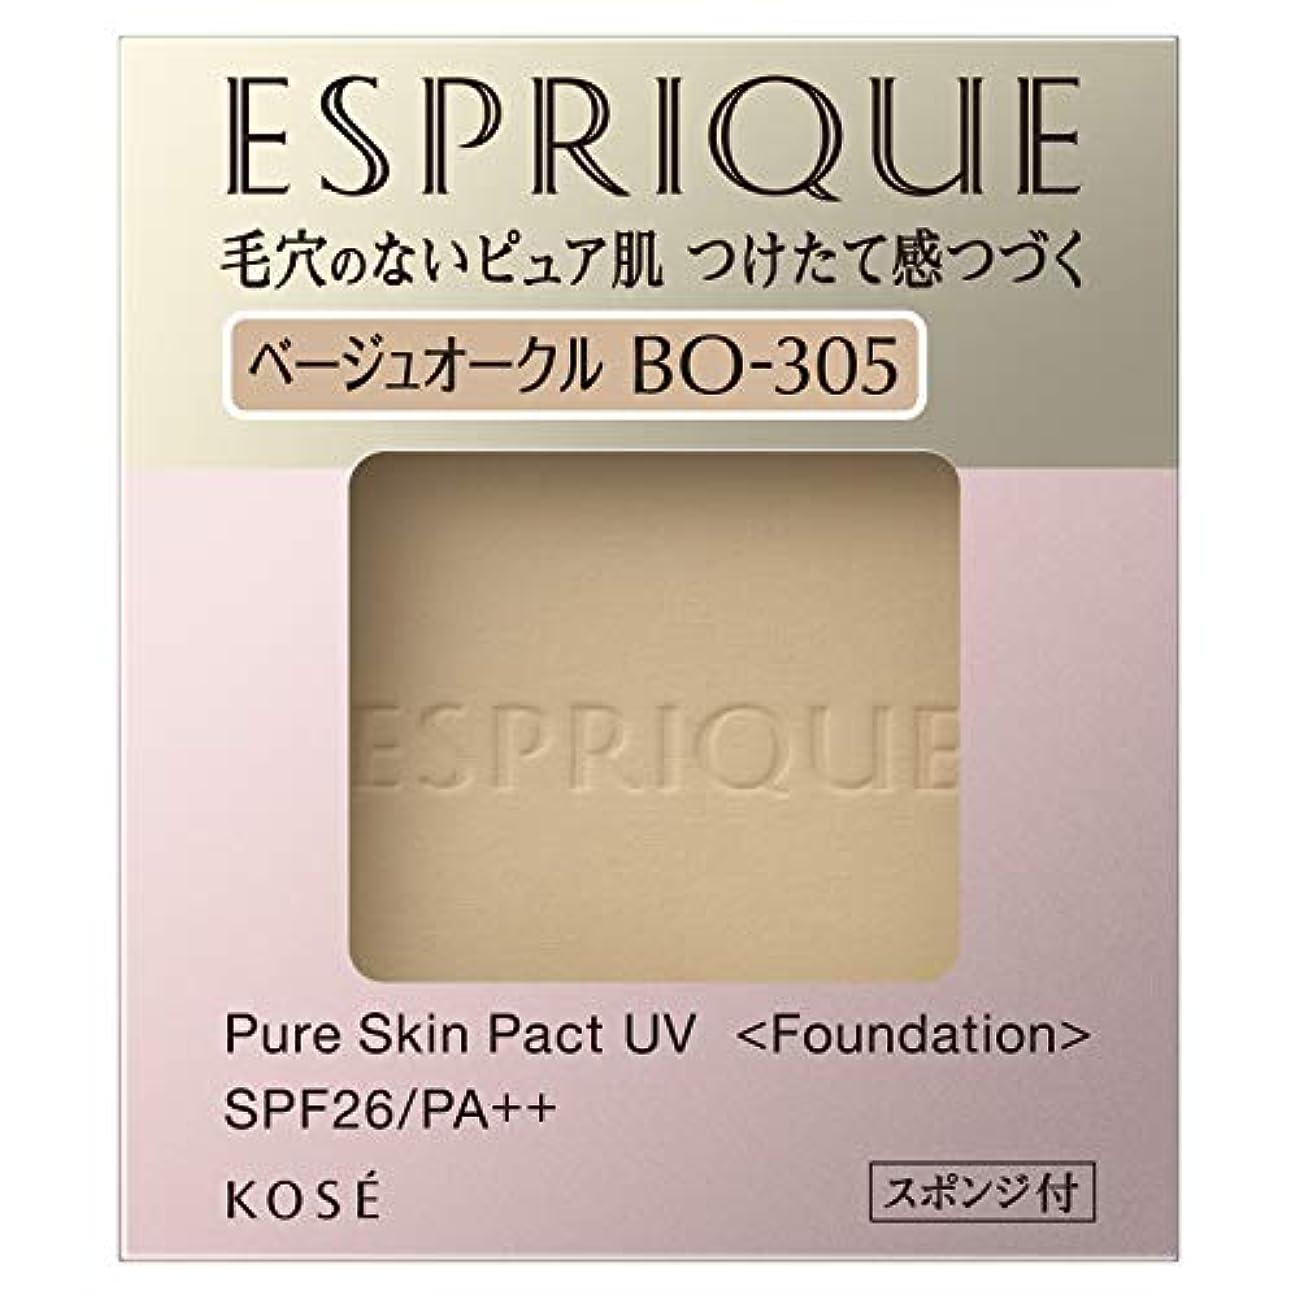 取り戻す喪流体エスプリーク ピュアスキン パクト UV BO-305 ベージュオークル 9.3g